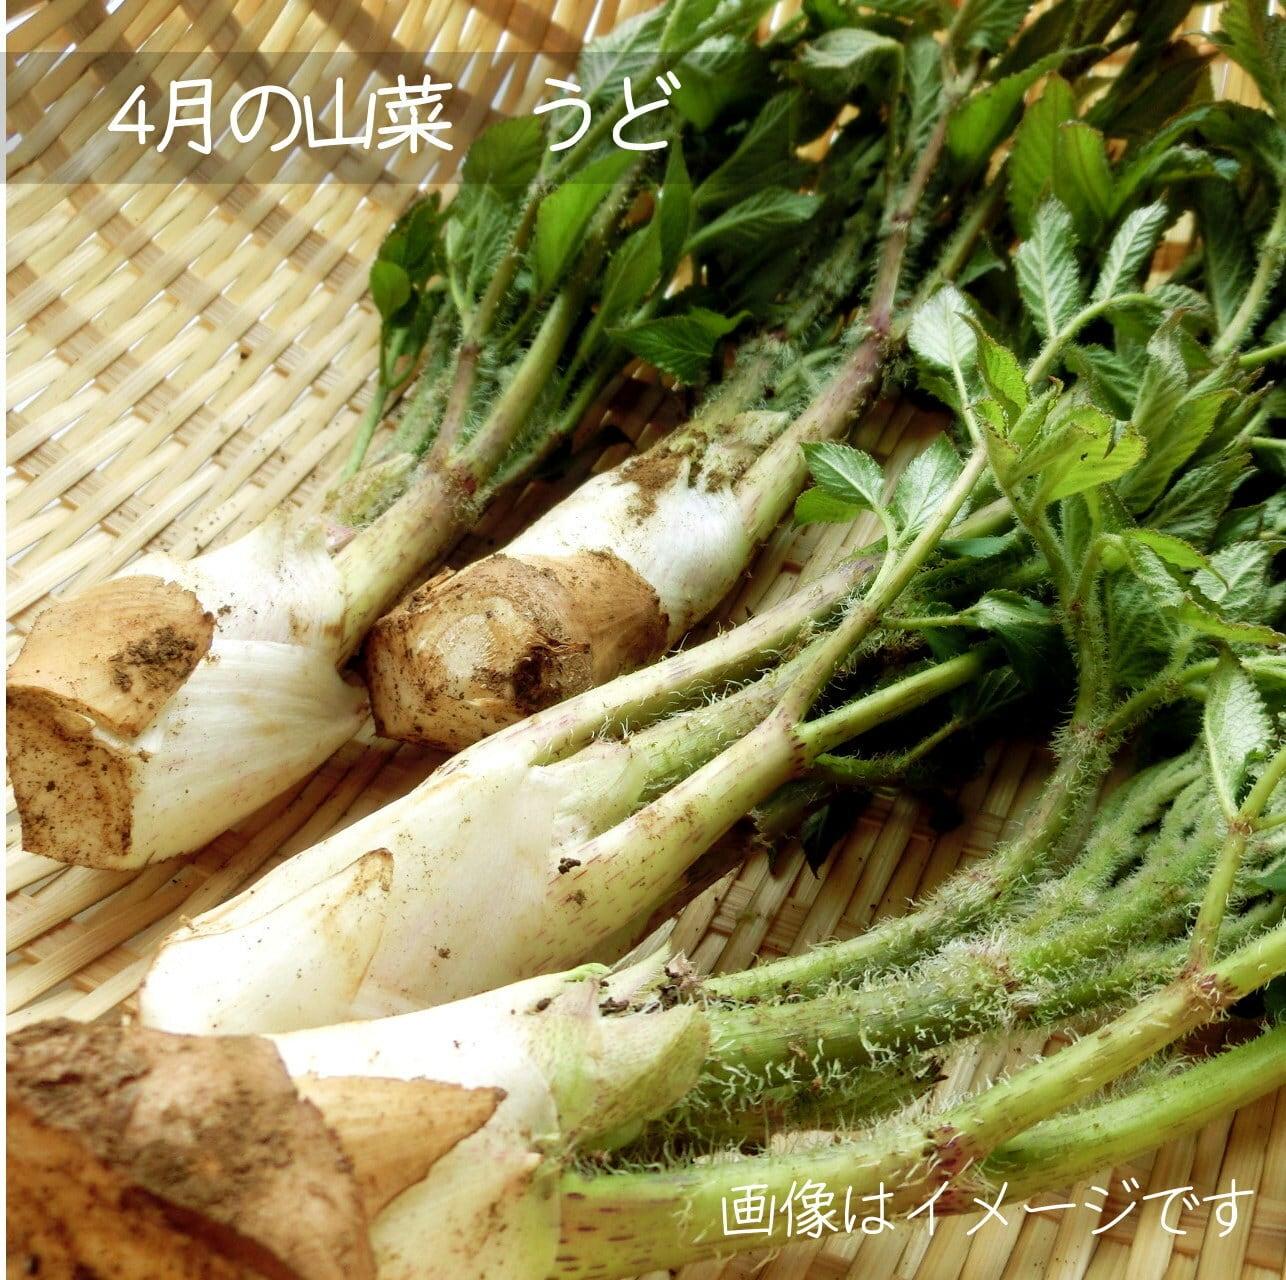 ウド 山菜 4月の朝採り直売野菜 春の新鮮野菜 5月上旬発送予定